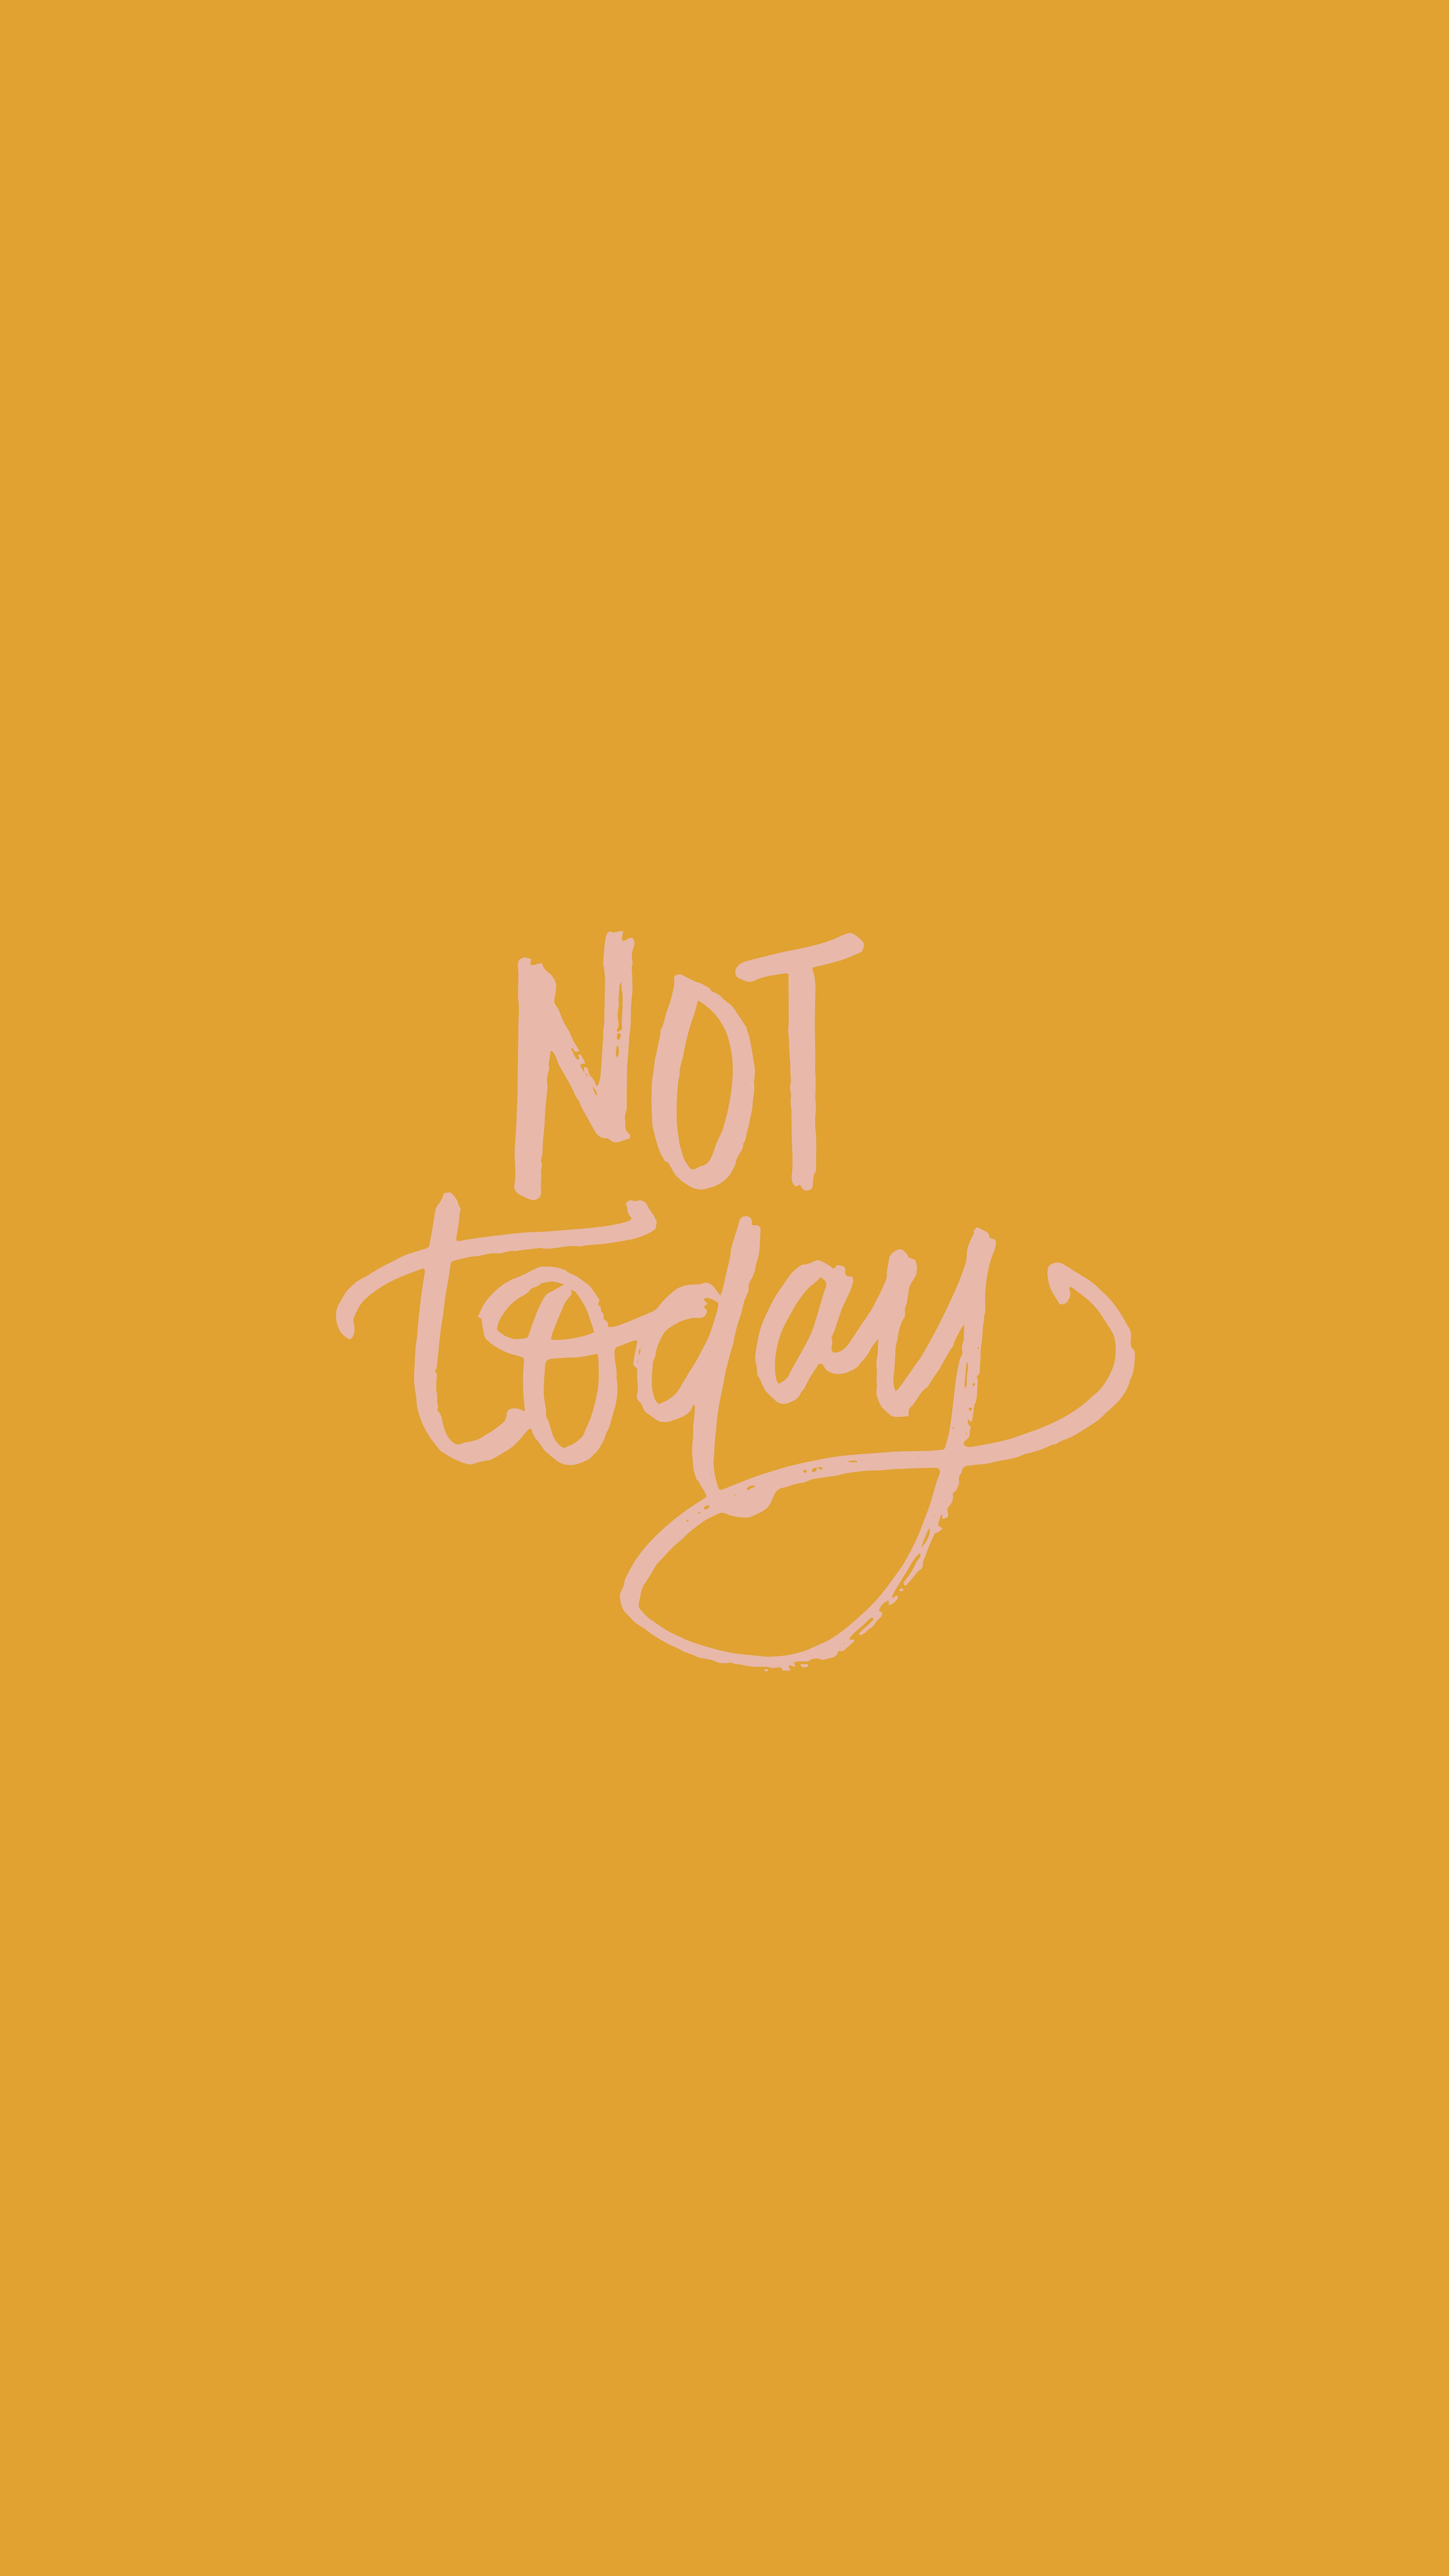 Styldbygrace_NotToday_InstaStory_Quote-02